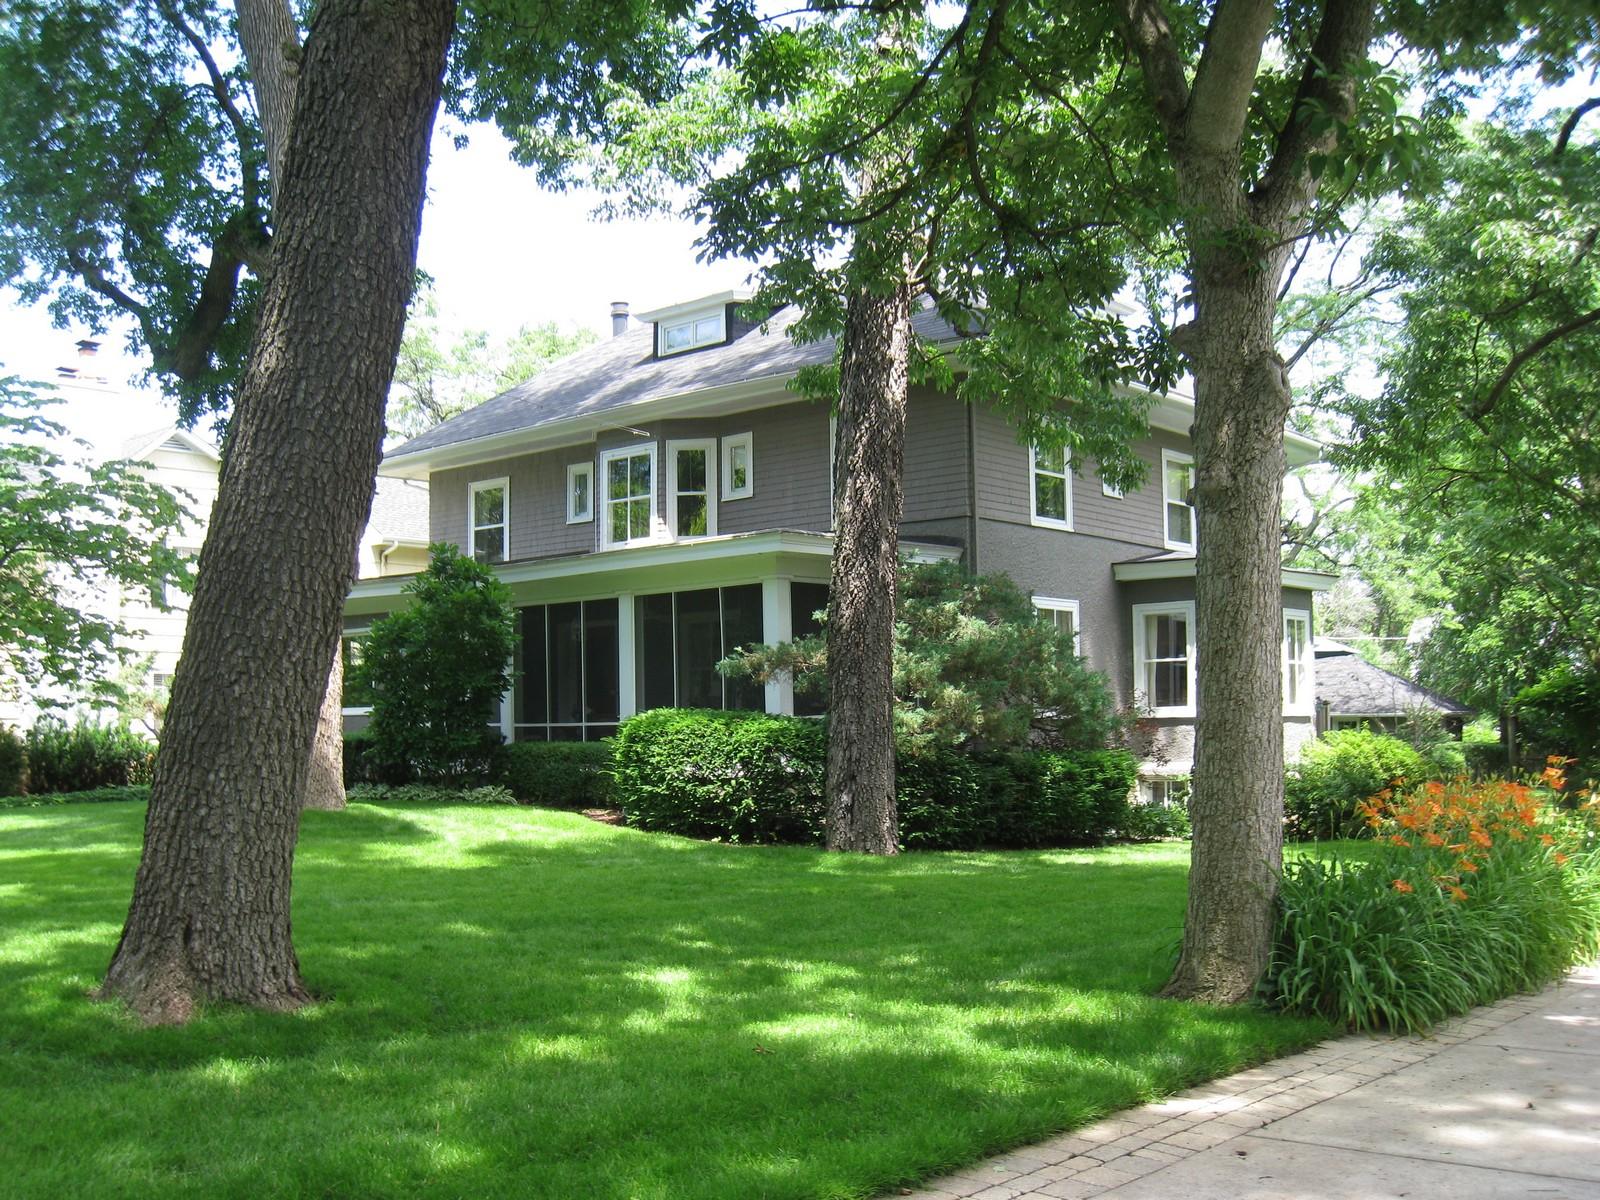 Casa Unifamiliar por un Venta en 123 N Washington Hinsdale, Illinois, 60521 Estados Unidos